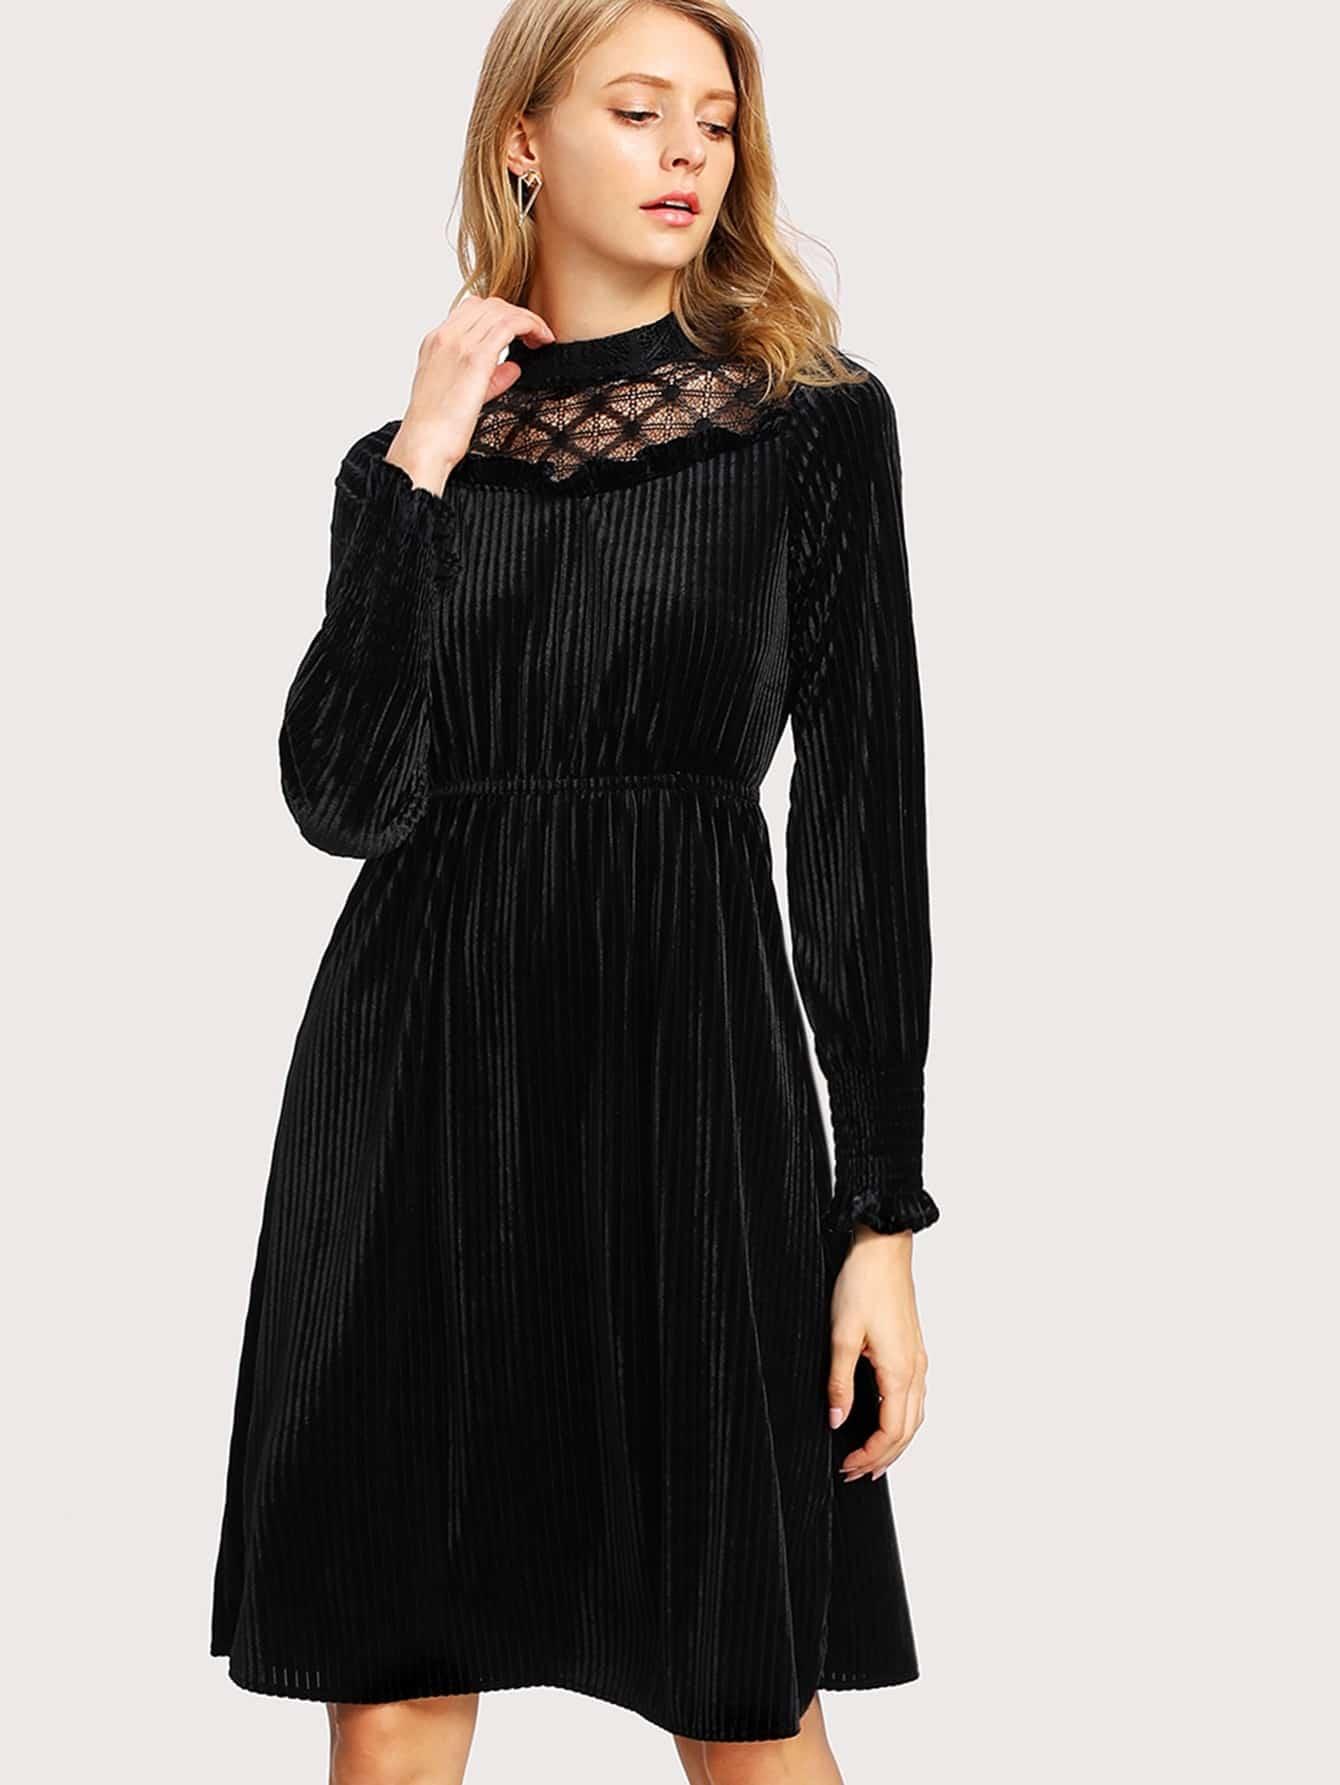 Lace Insert Frill Trim Velvet Dress